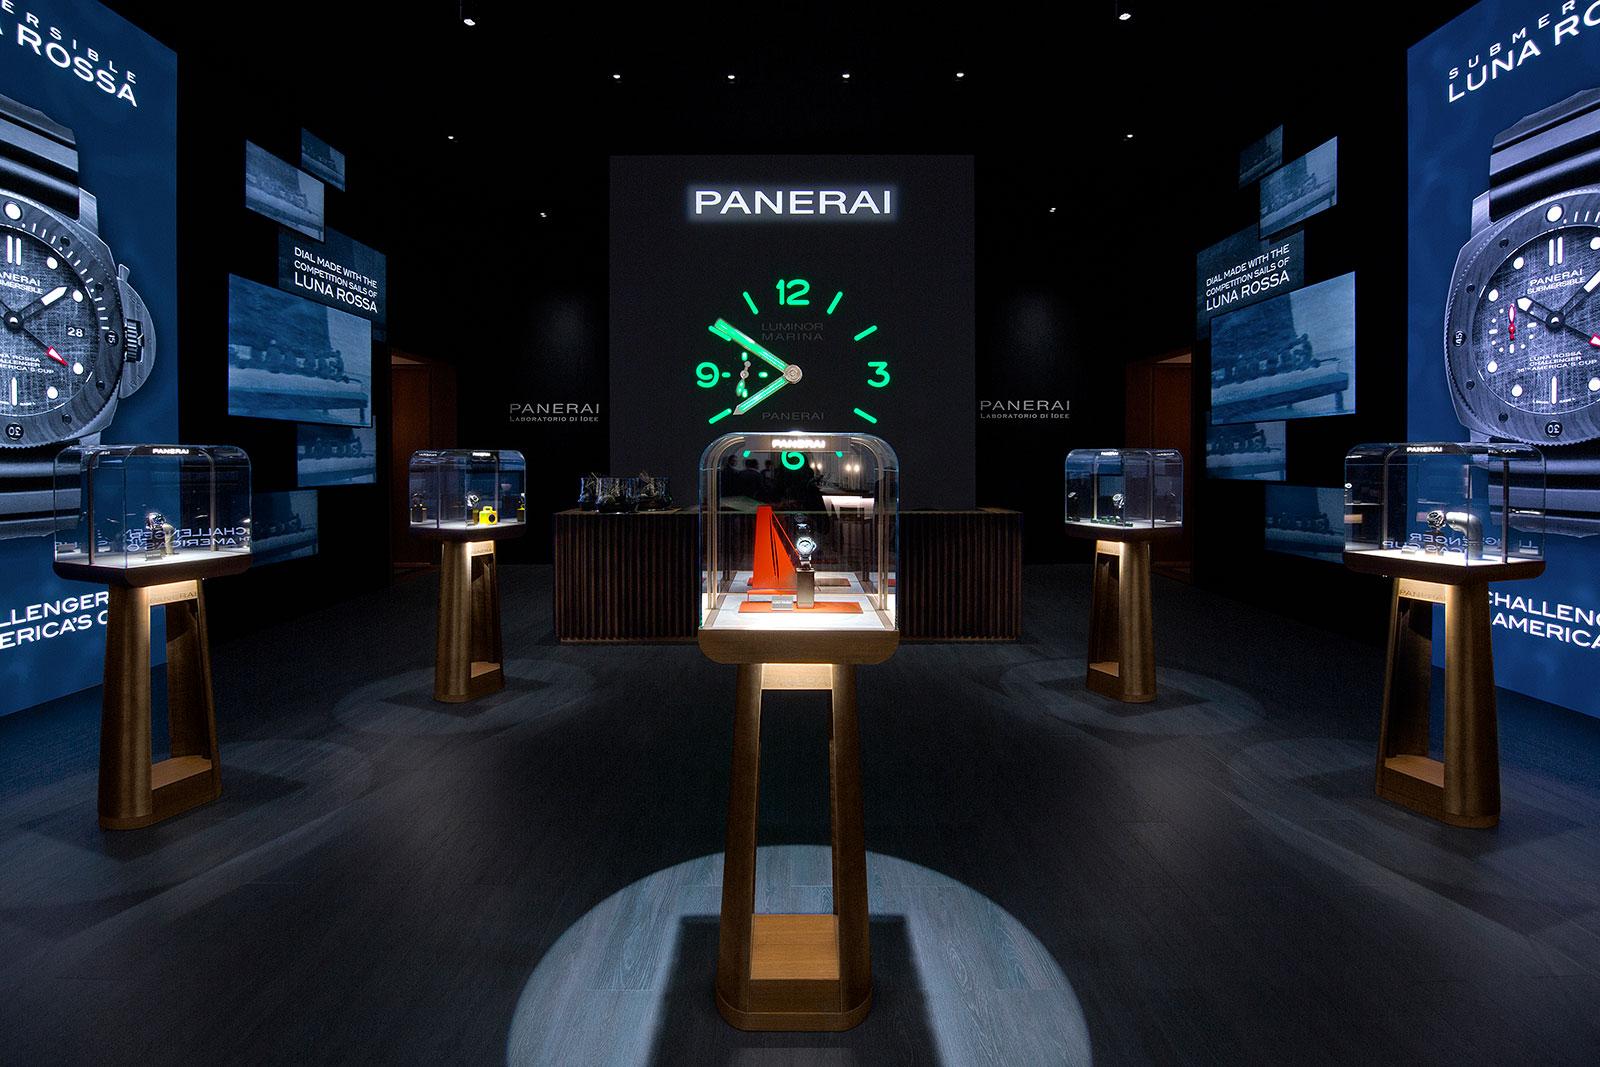 Panerai SIHH 2019 booth 1